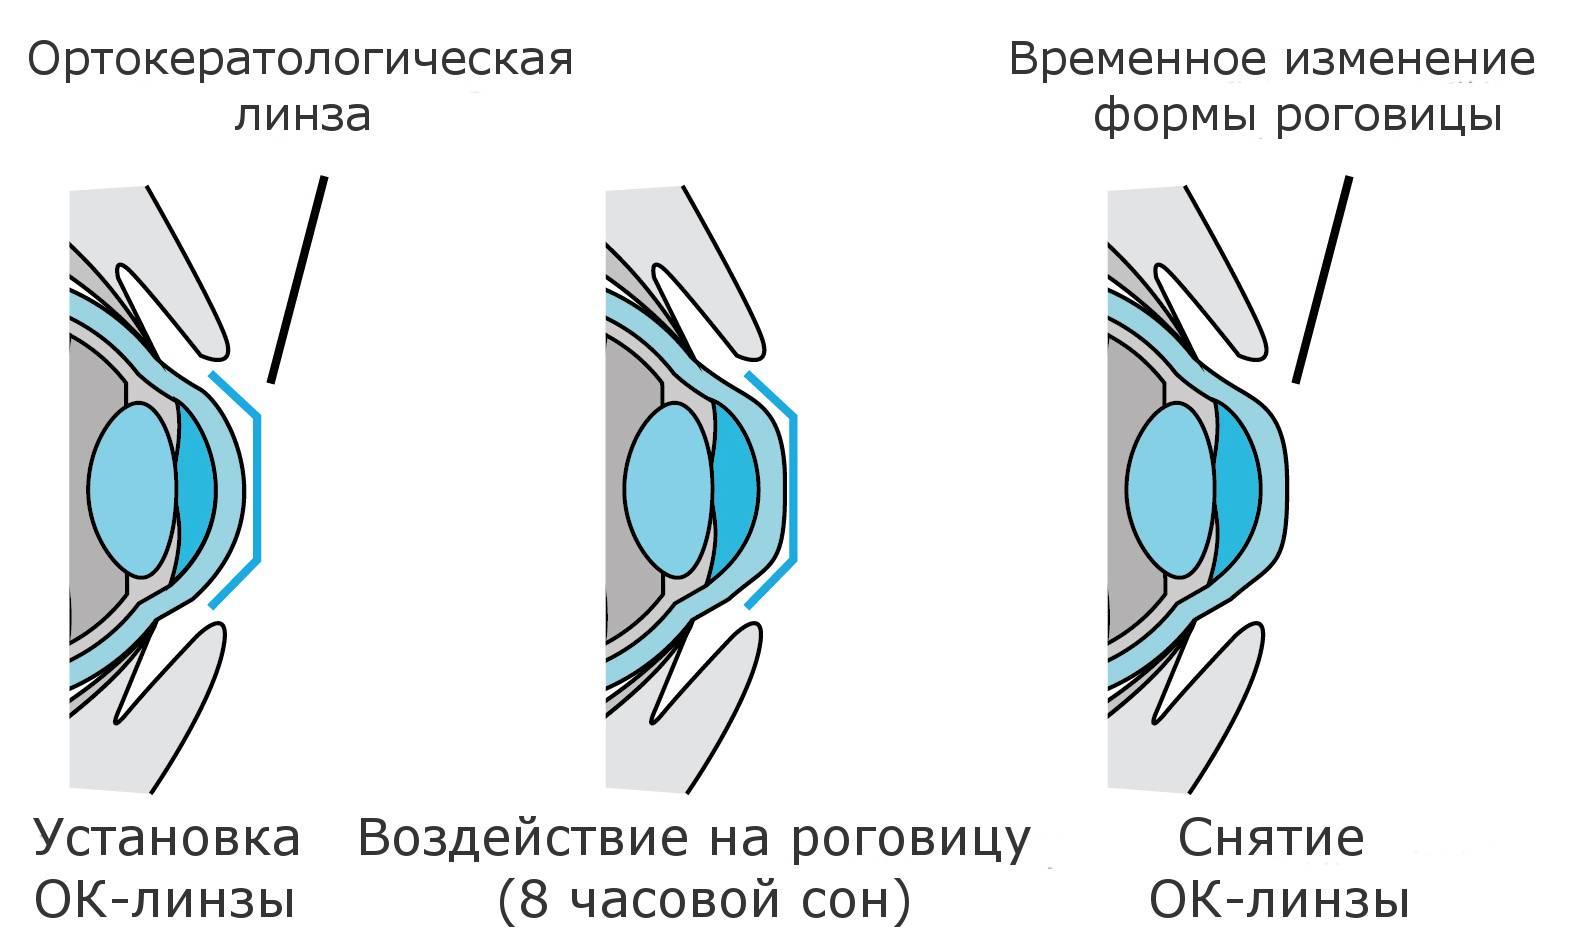 Ночные линзы для восстановления зрения: цена, отзывы людей, врачей, суть метода ок